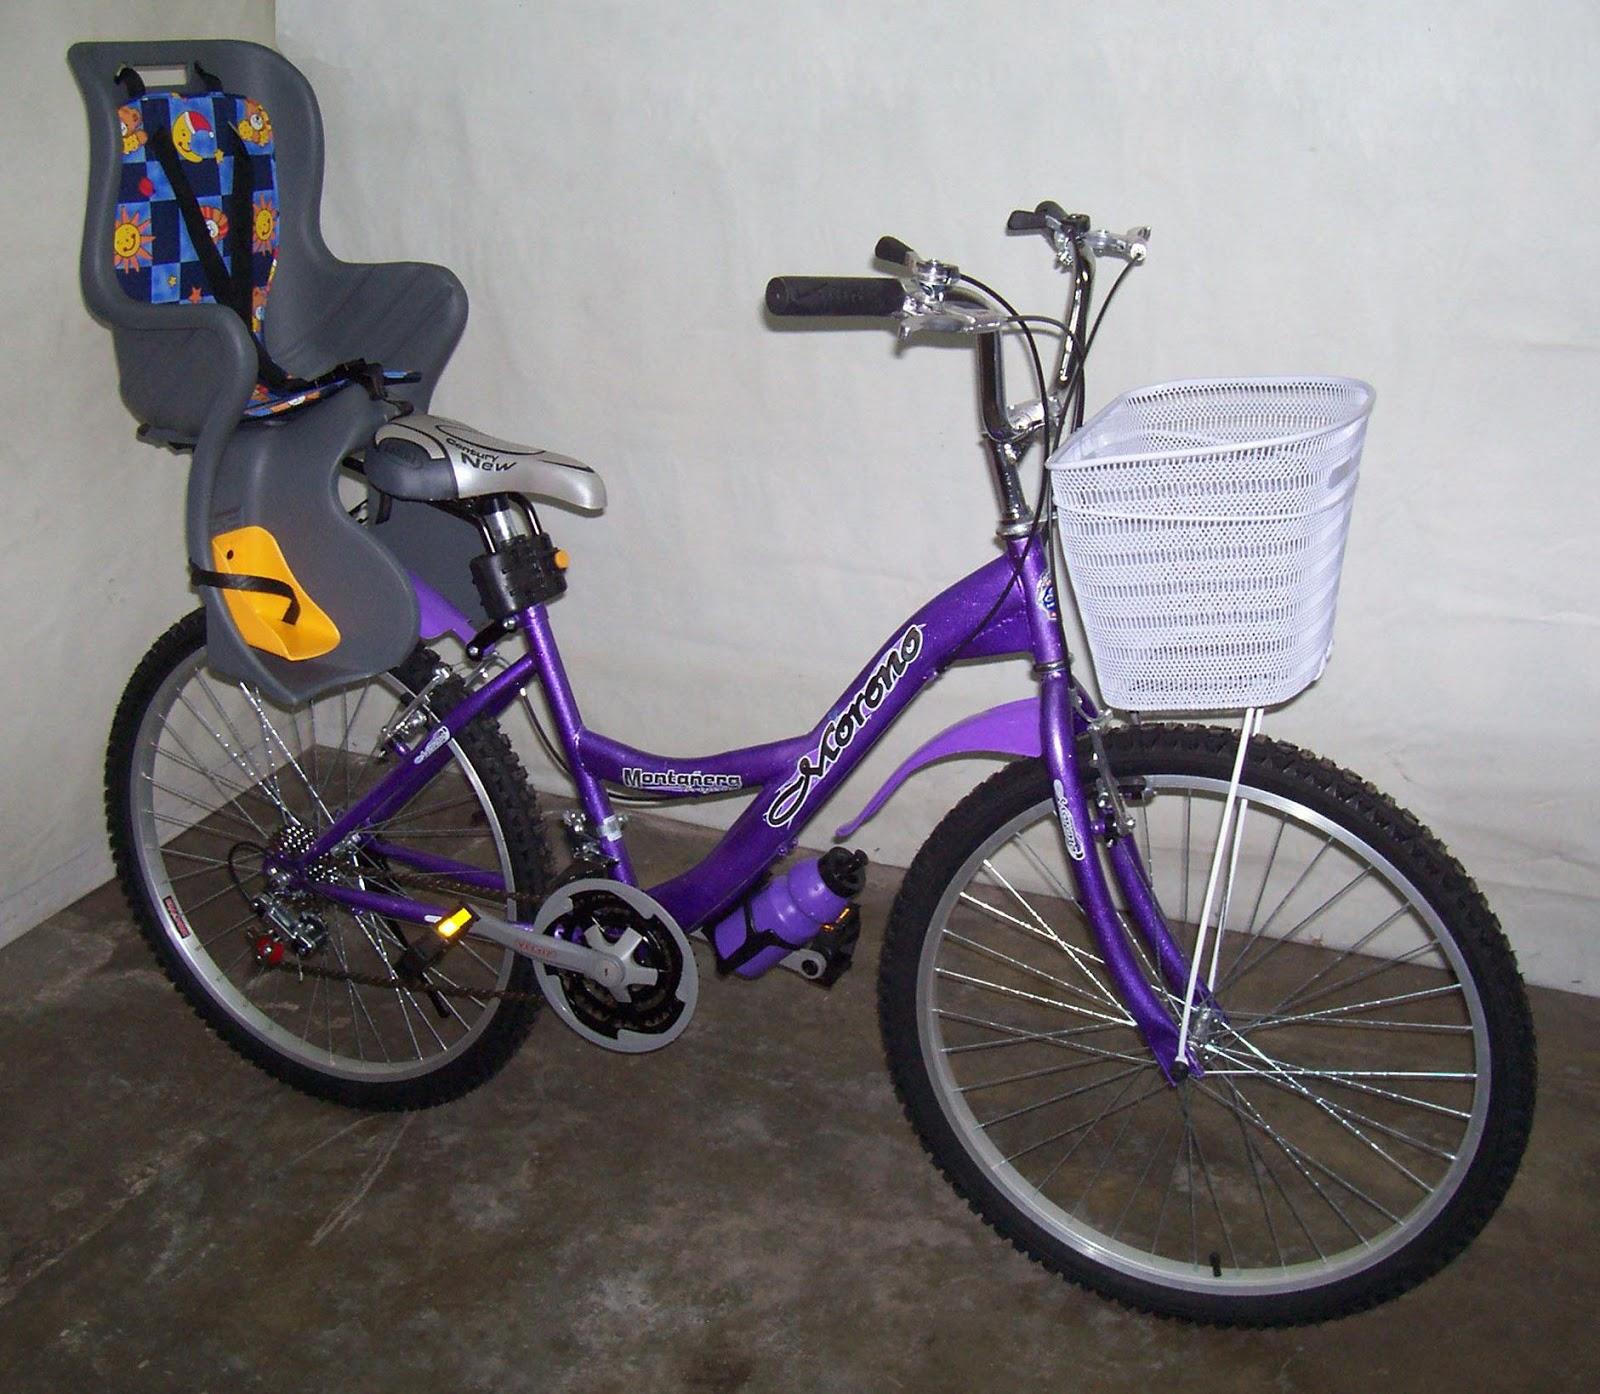 BICLASSIMPORT Tienda de Bicicletas en Lima Per Silla Porta